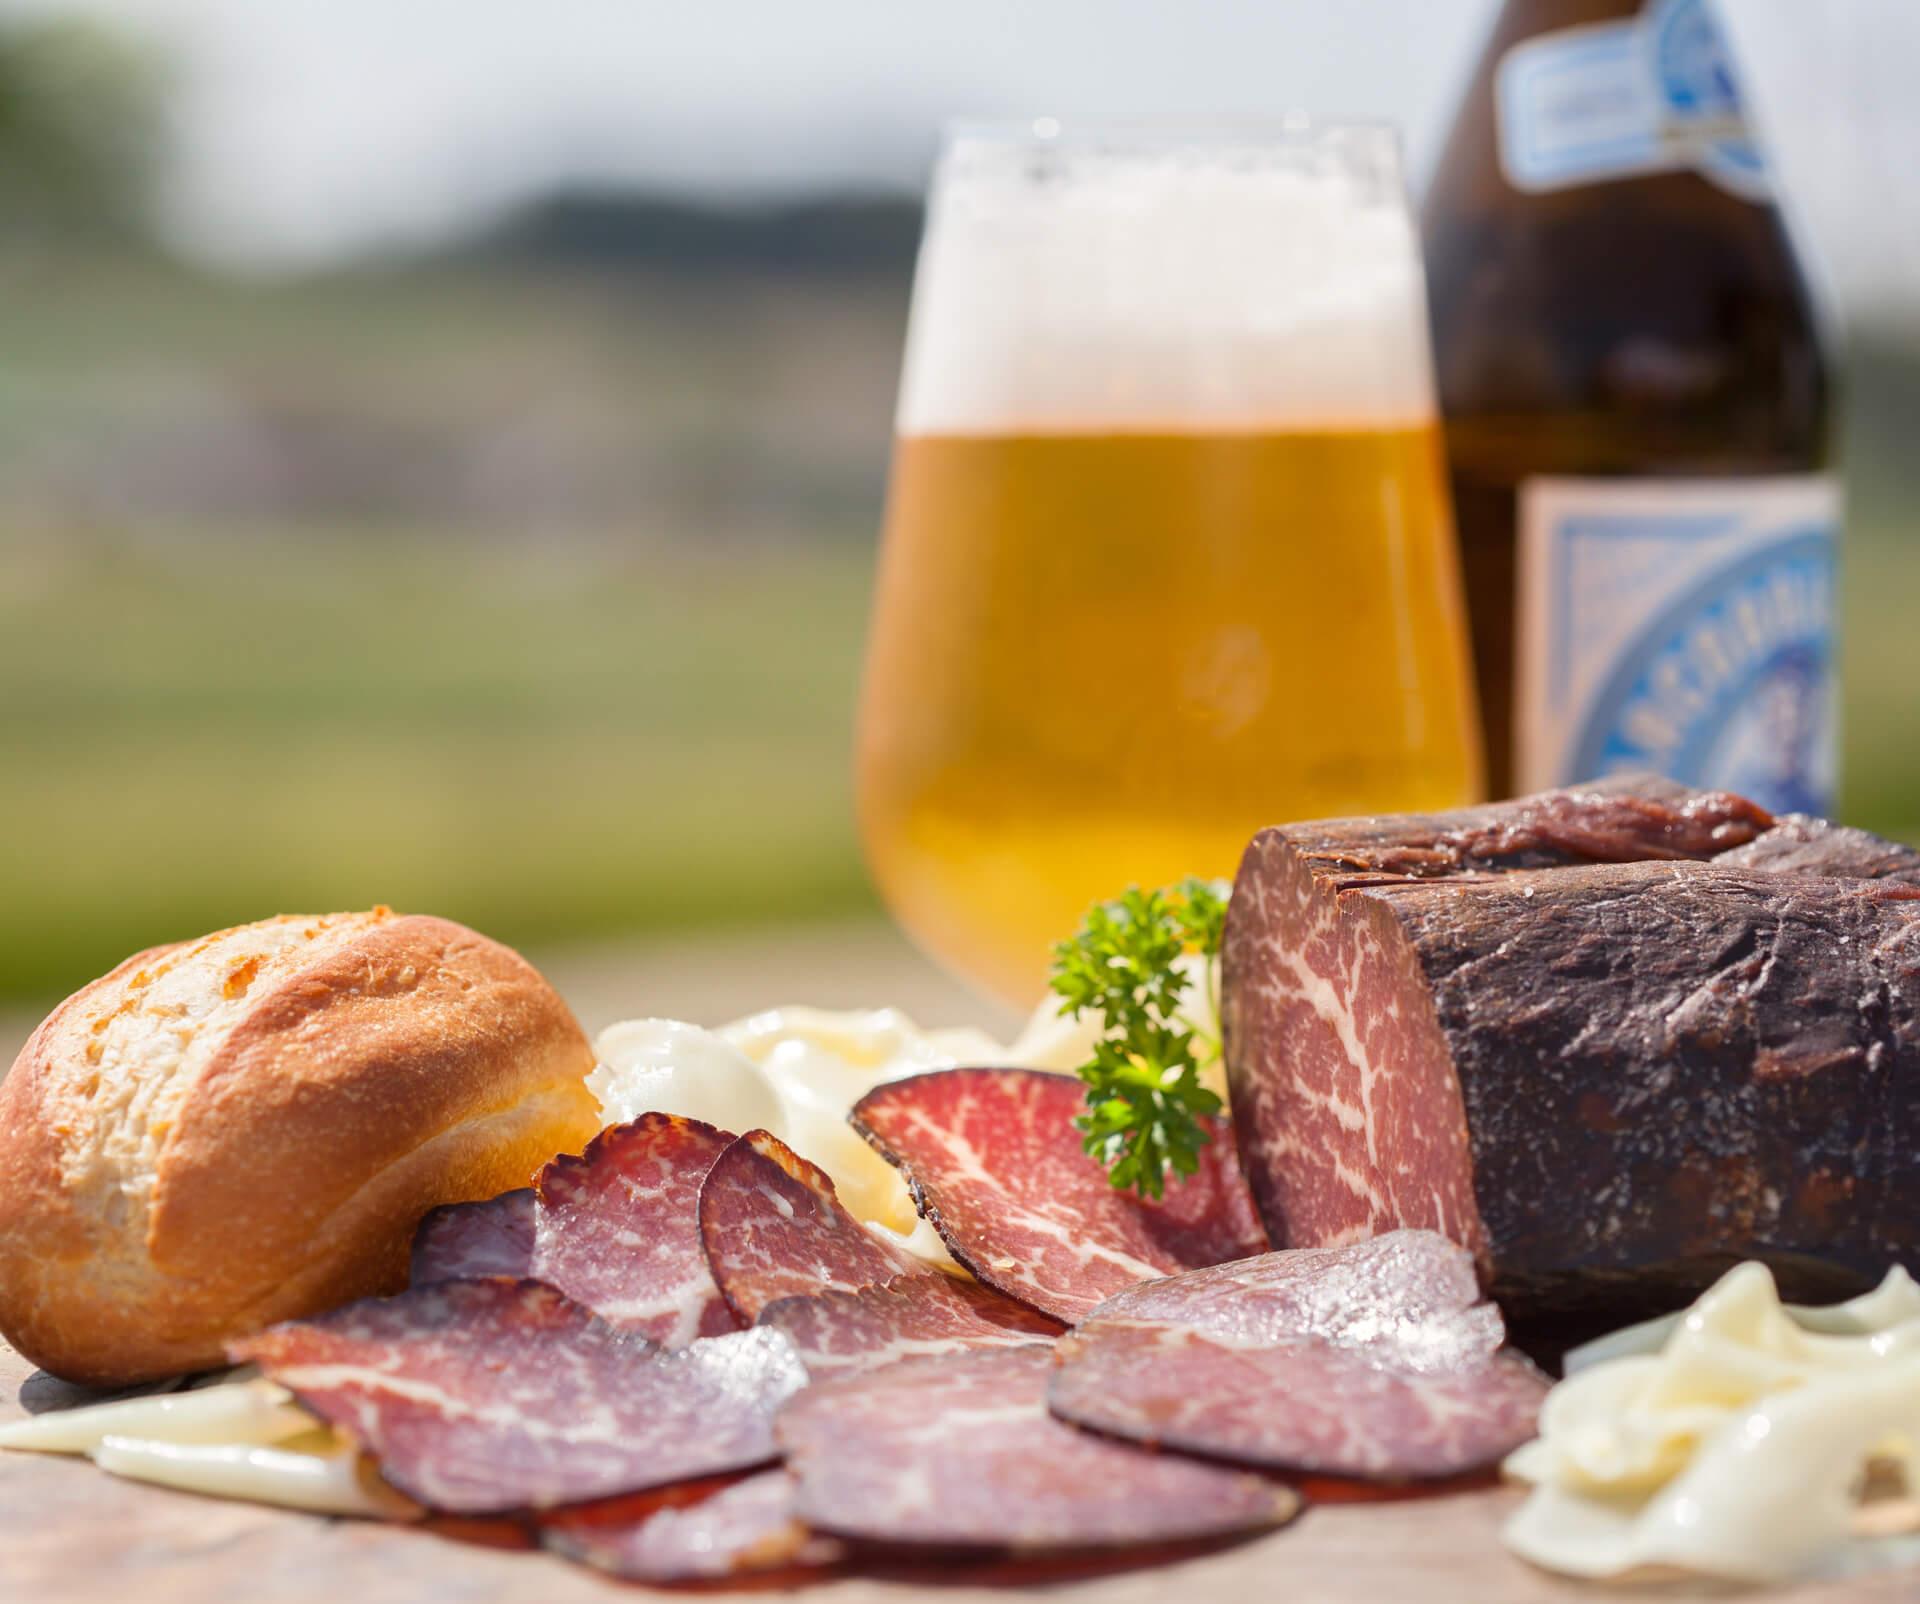 Ein Traum: Eine echte niederbayerische Brotzeit mit Geräuchertem, Radi und einem Schluck Bier